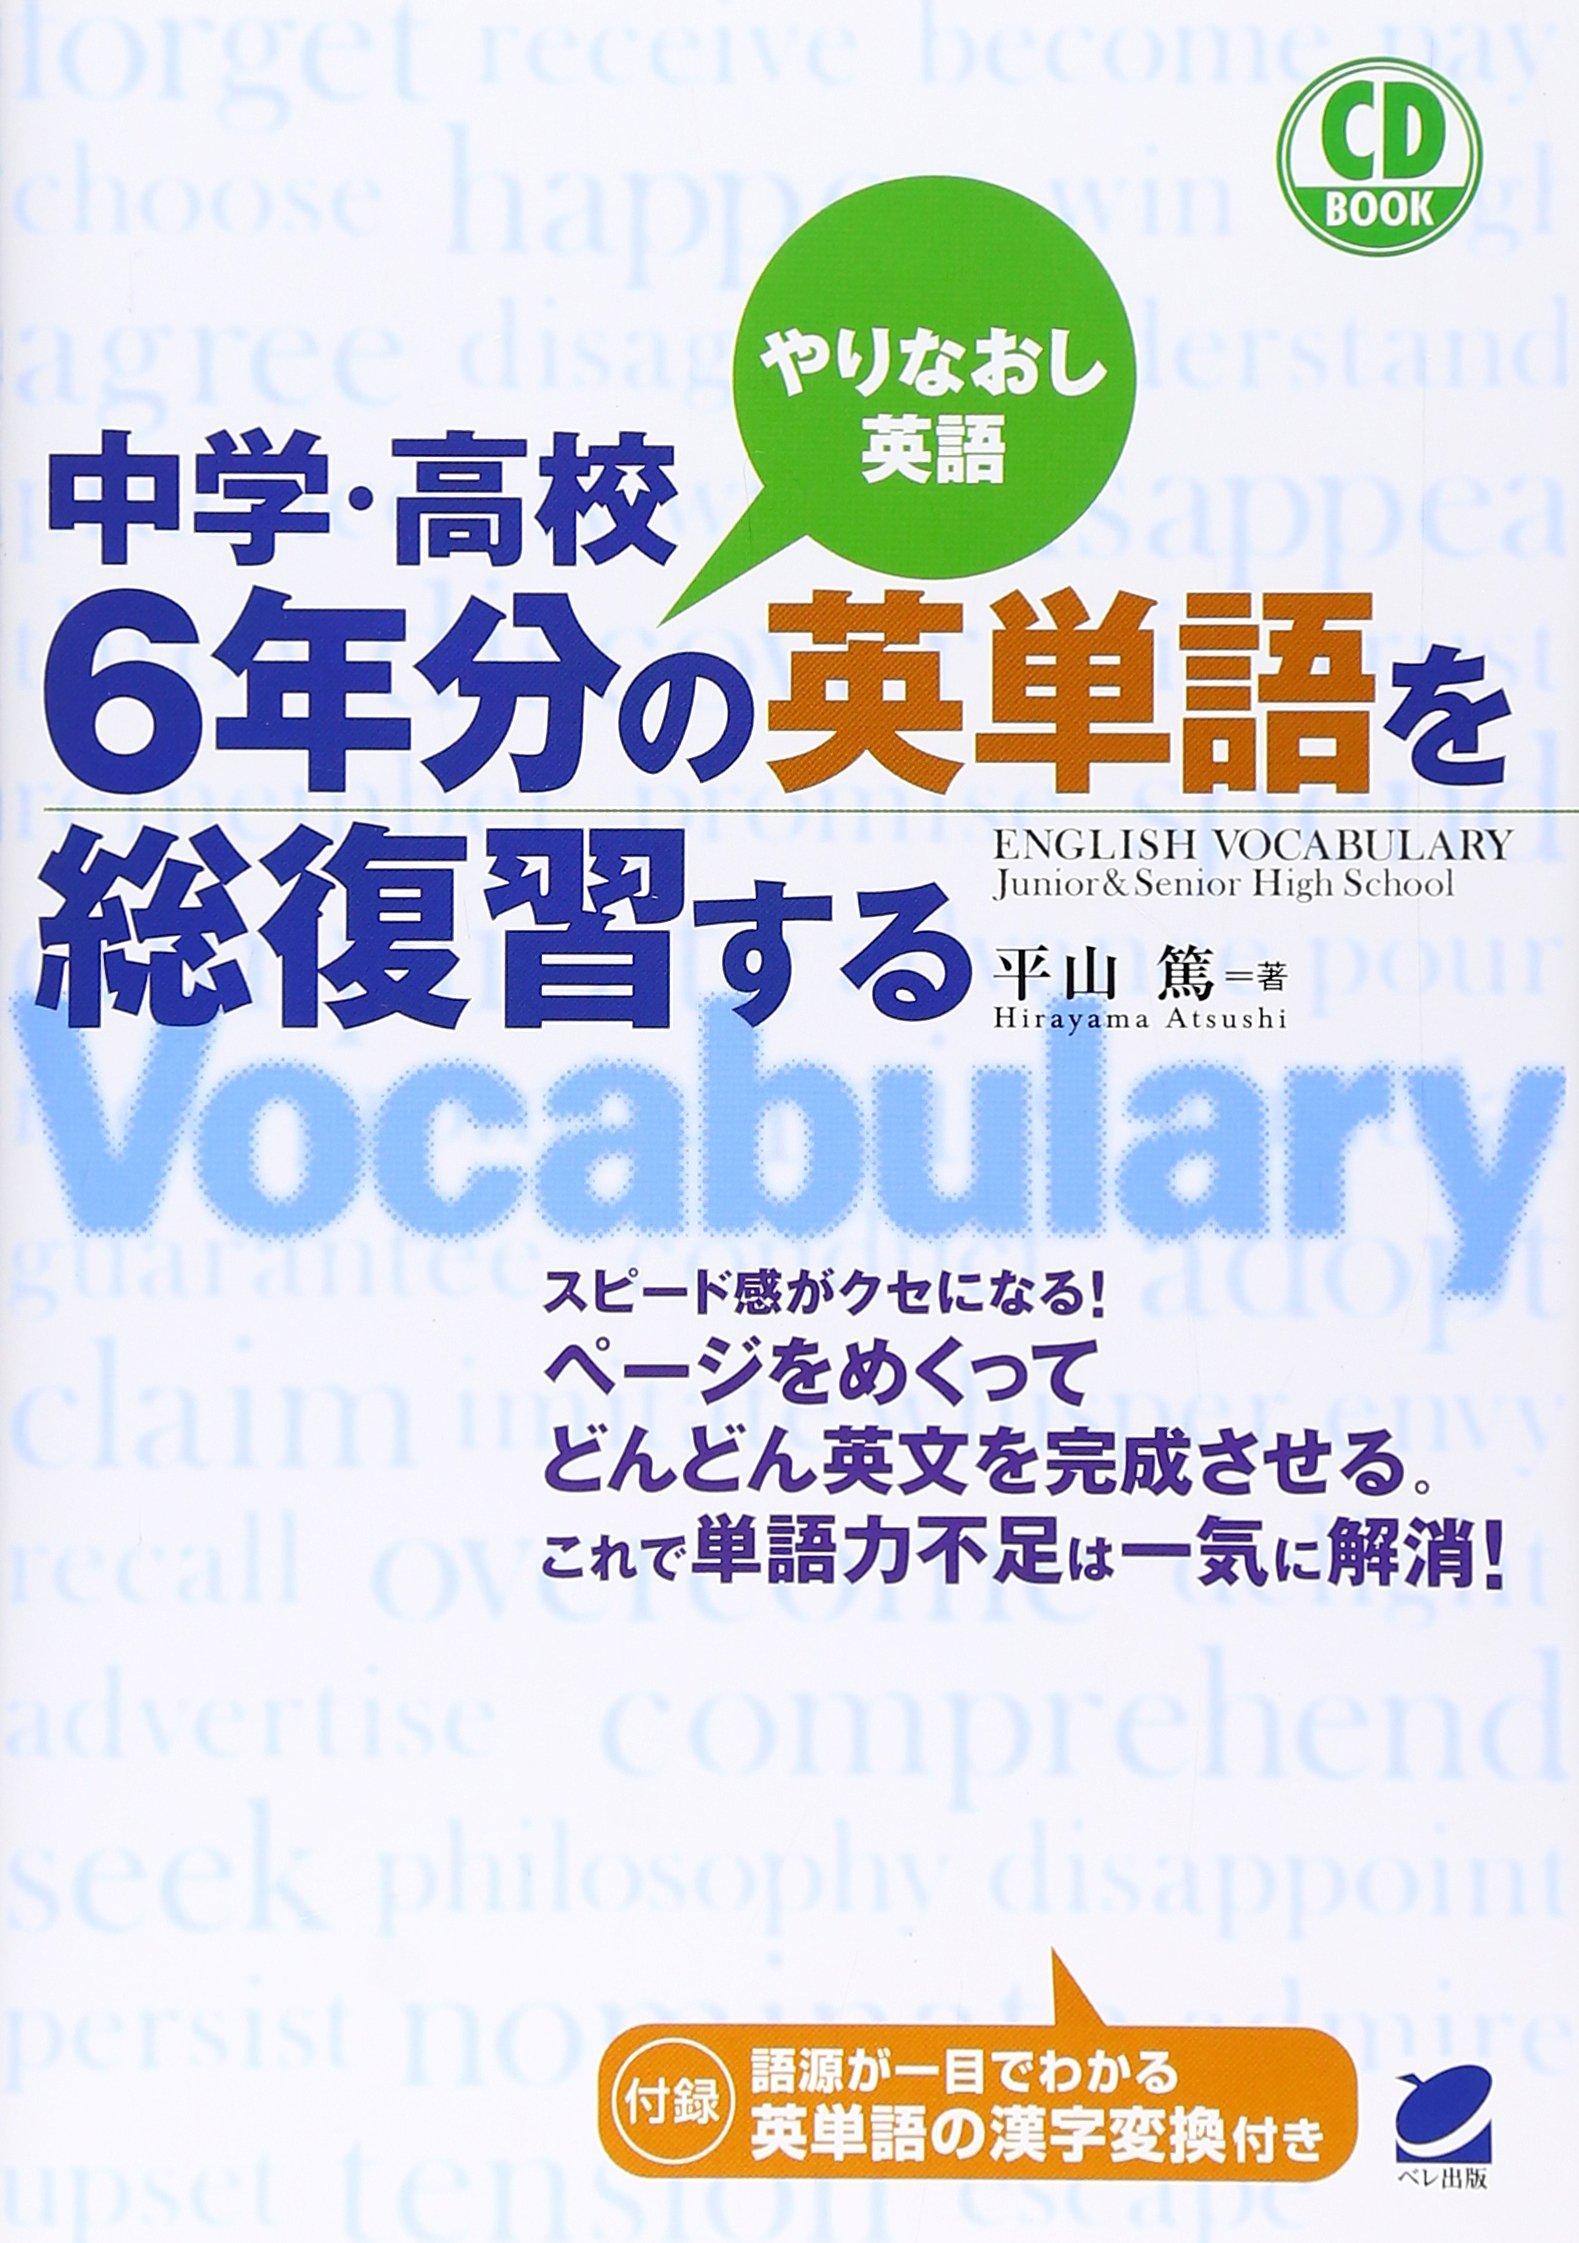 Download Chūgaku kōkō 6nenbun no eitango o sōfukushūsuru ebook